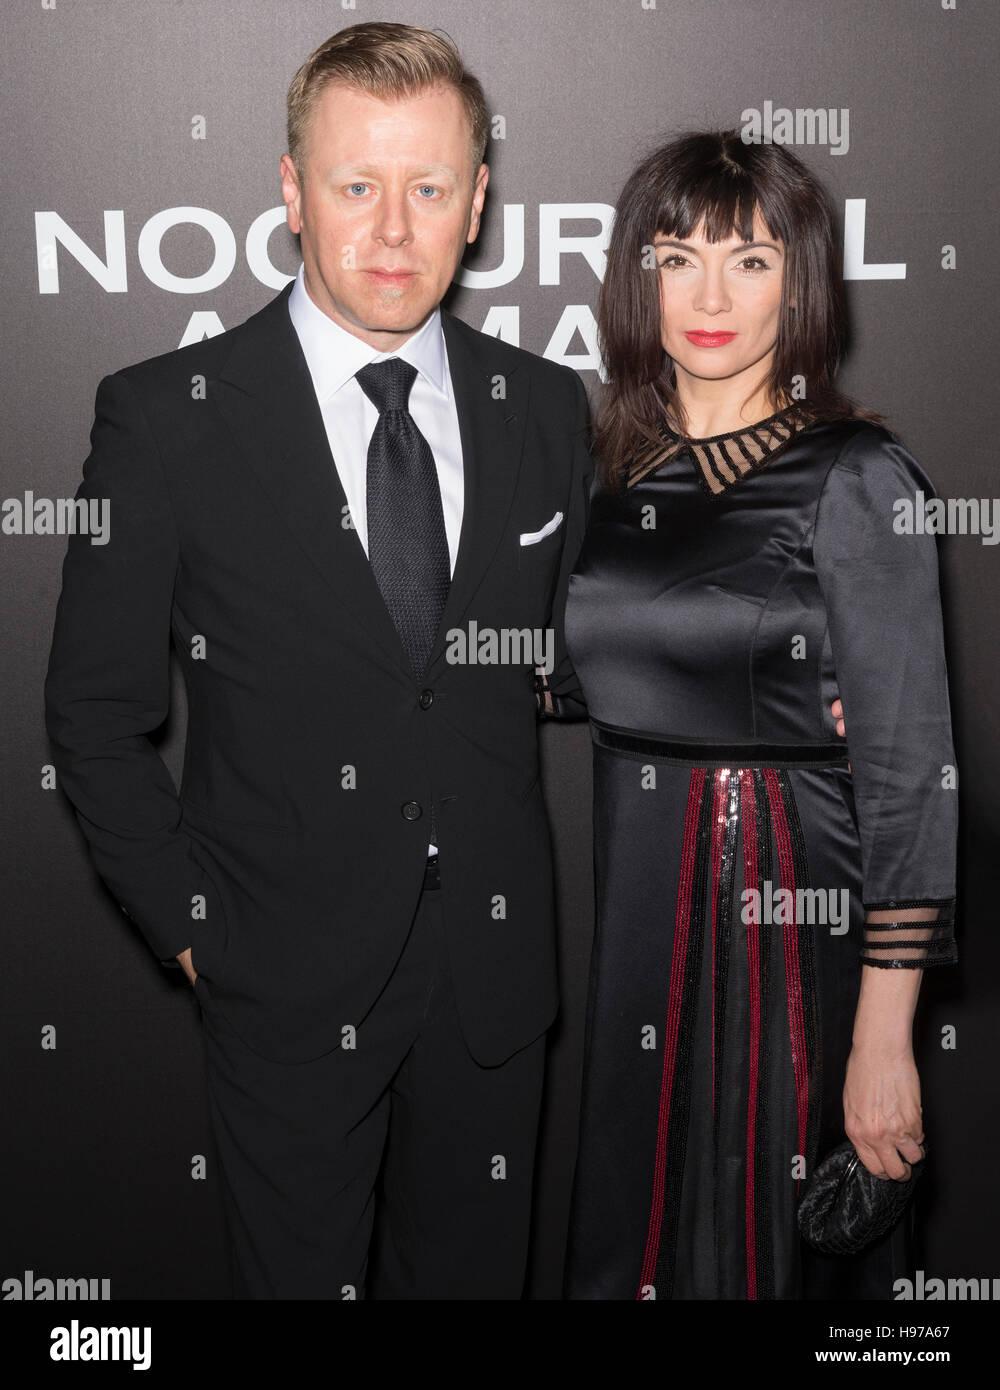 La città di New York, Stati Uniti d'America - 17 Novembre 2016: il compositore Abel Korzeniowski e Mina Immagini Stock